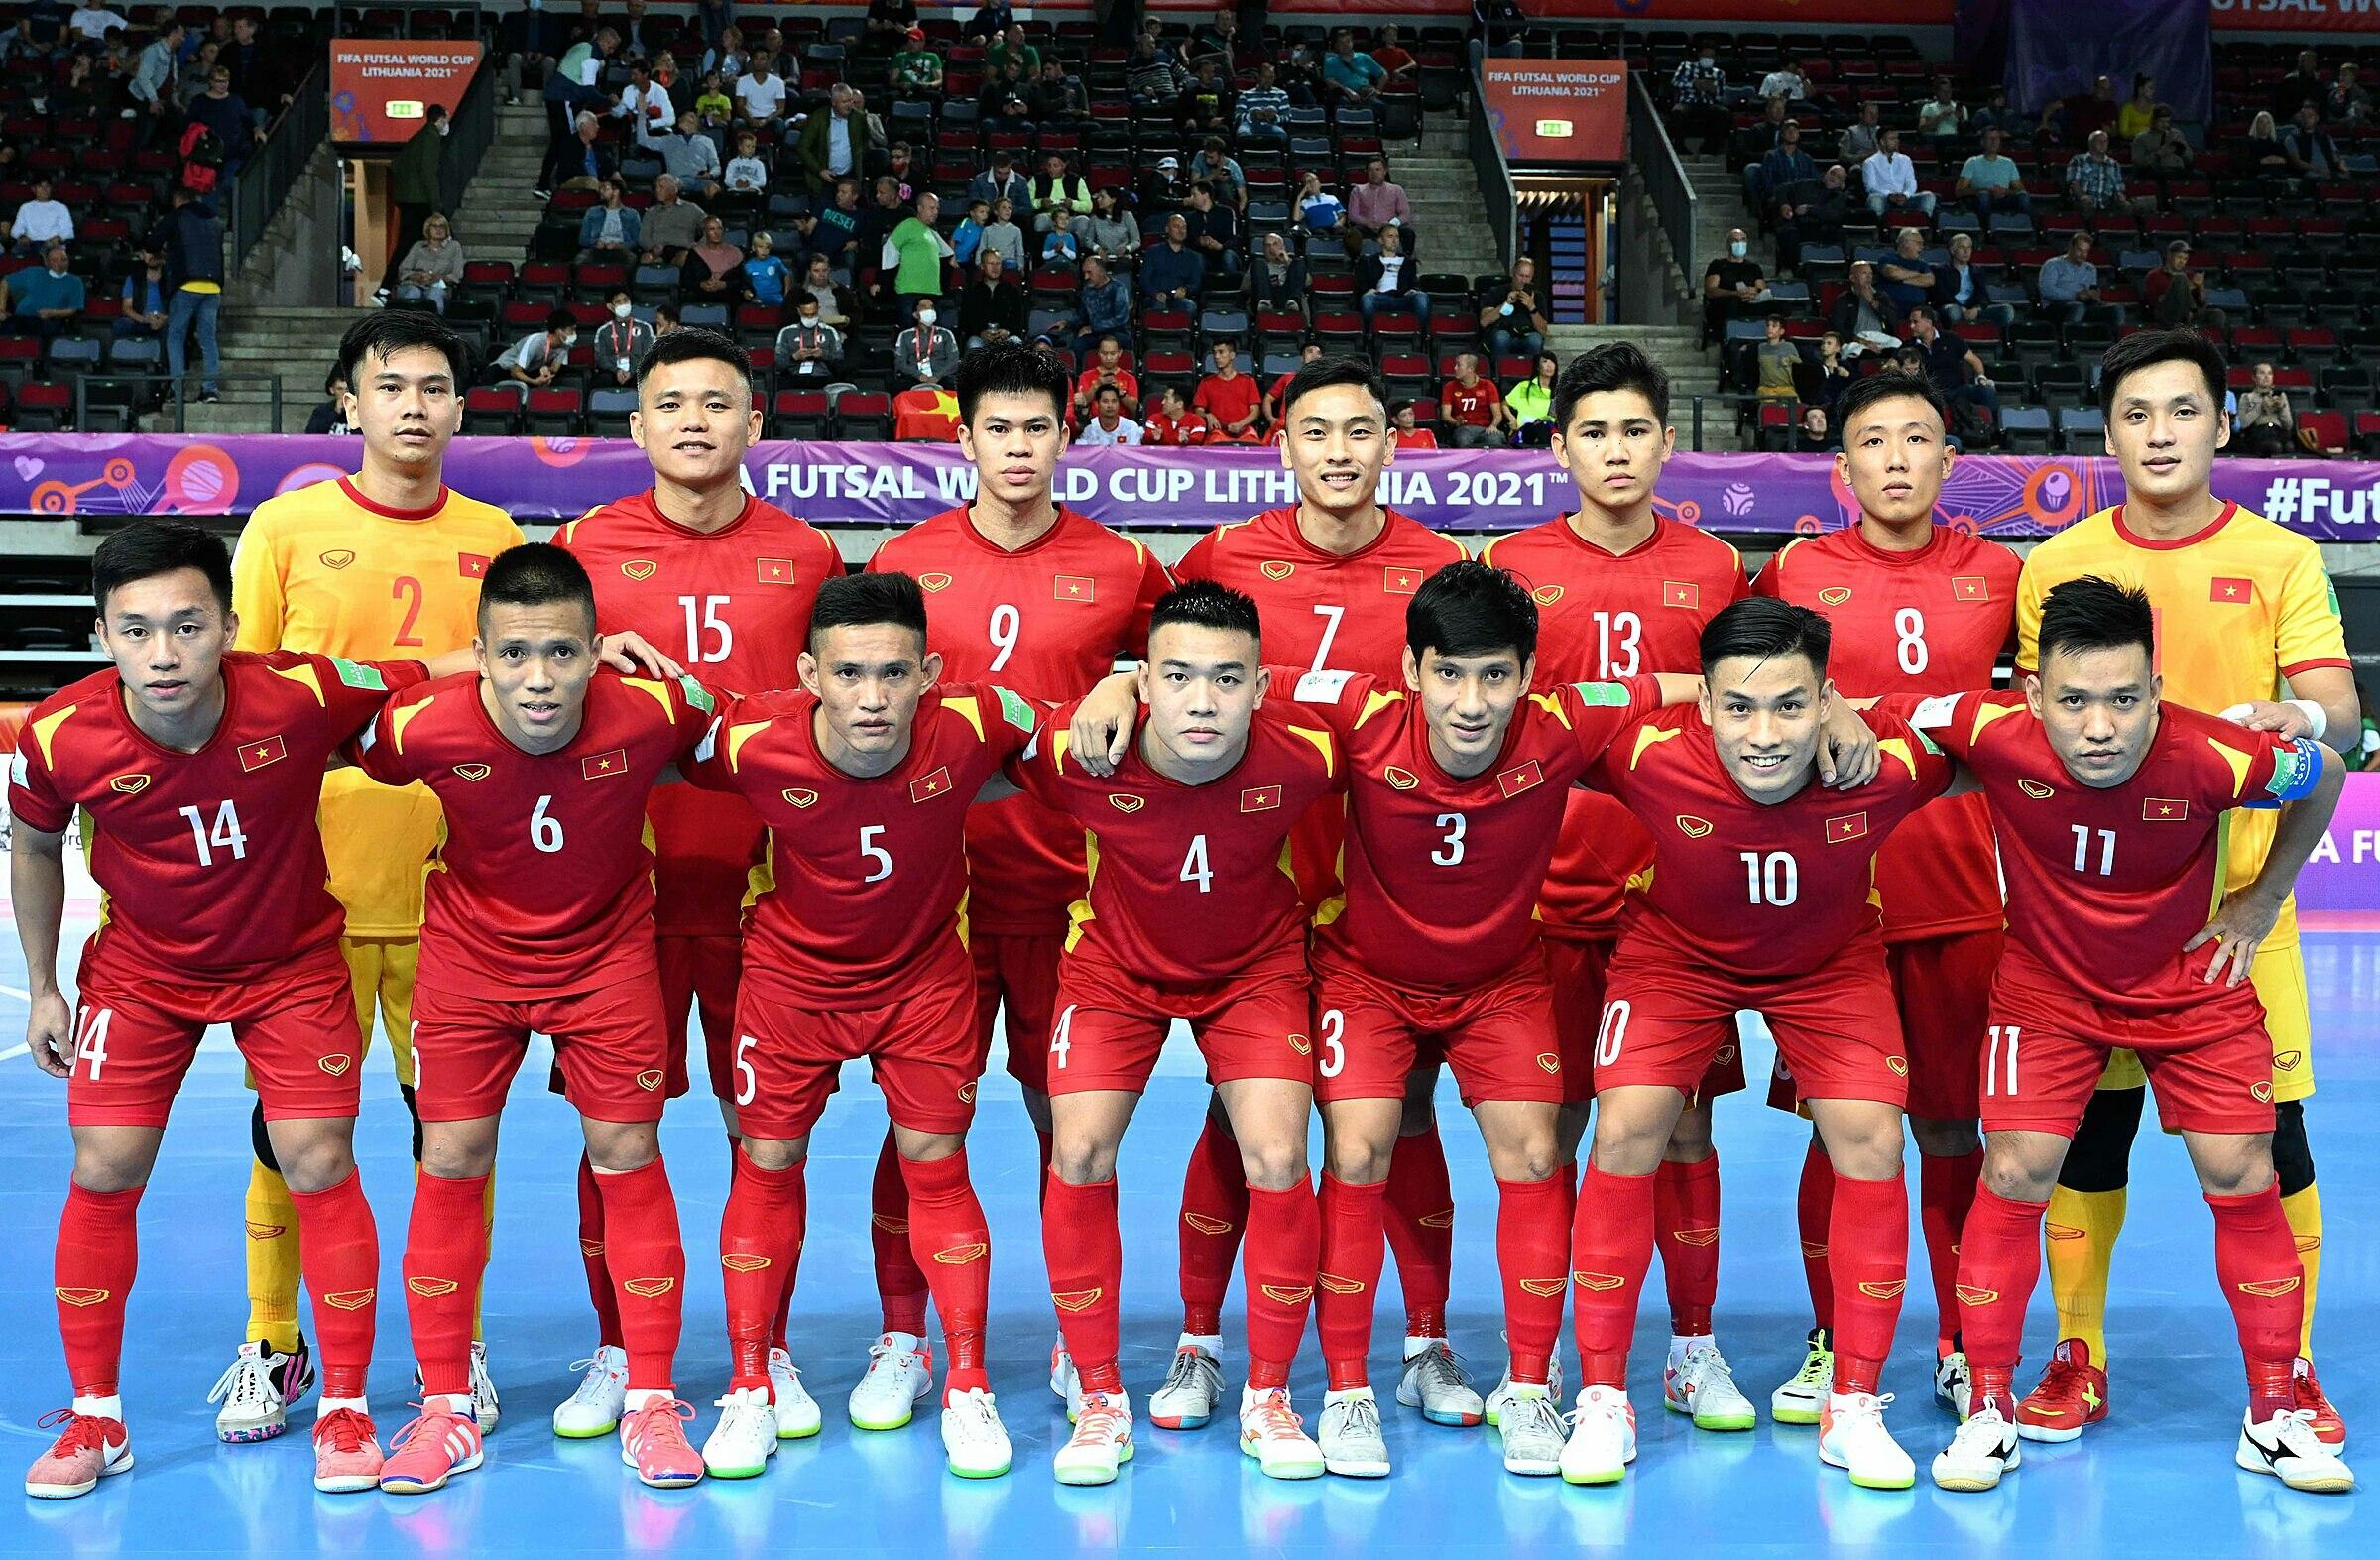 Tuyển Việt Nam cần có phép màu mới có thể giành vé đi tiếp ở world Cup. Ảnh: VFF